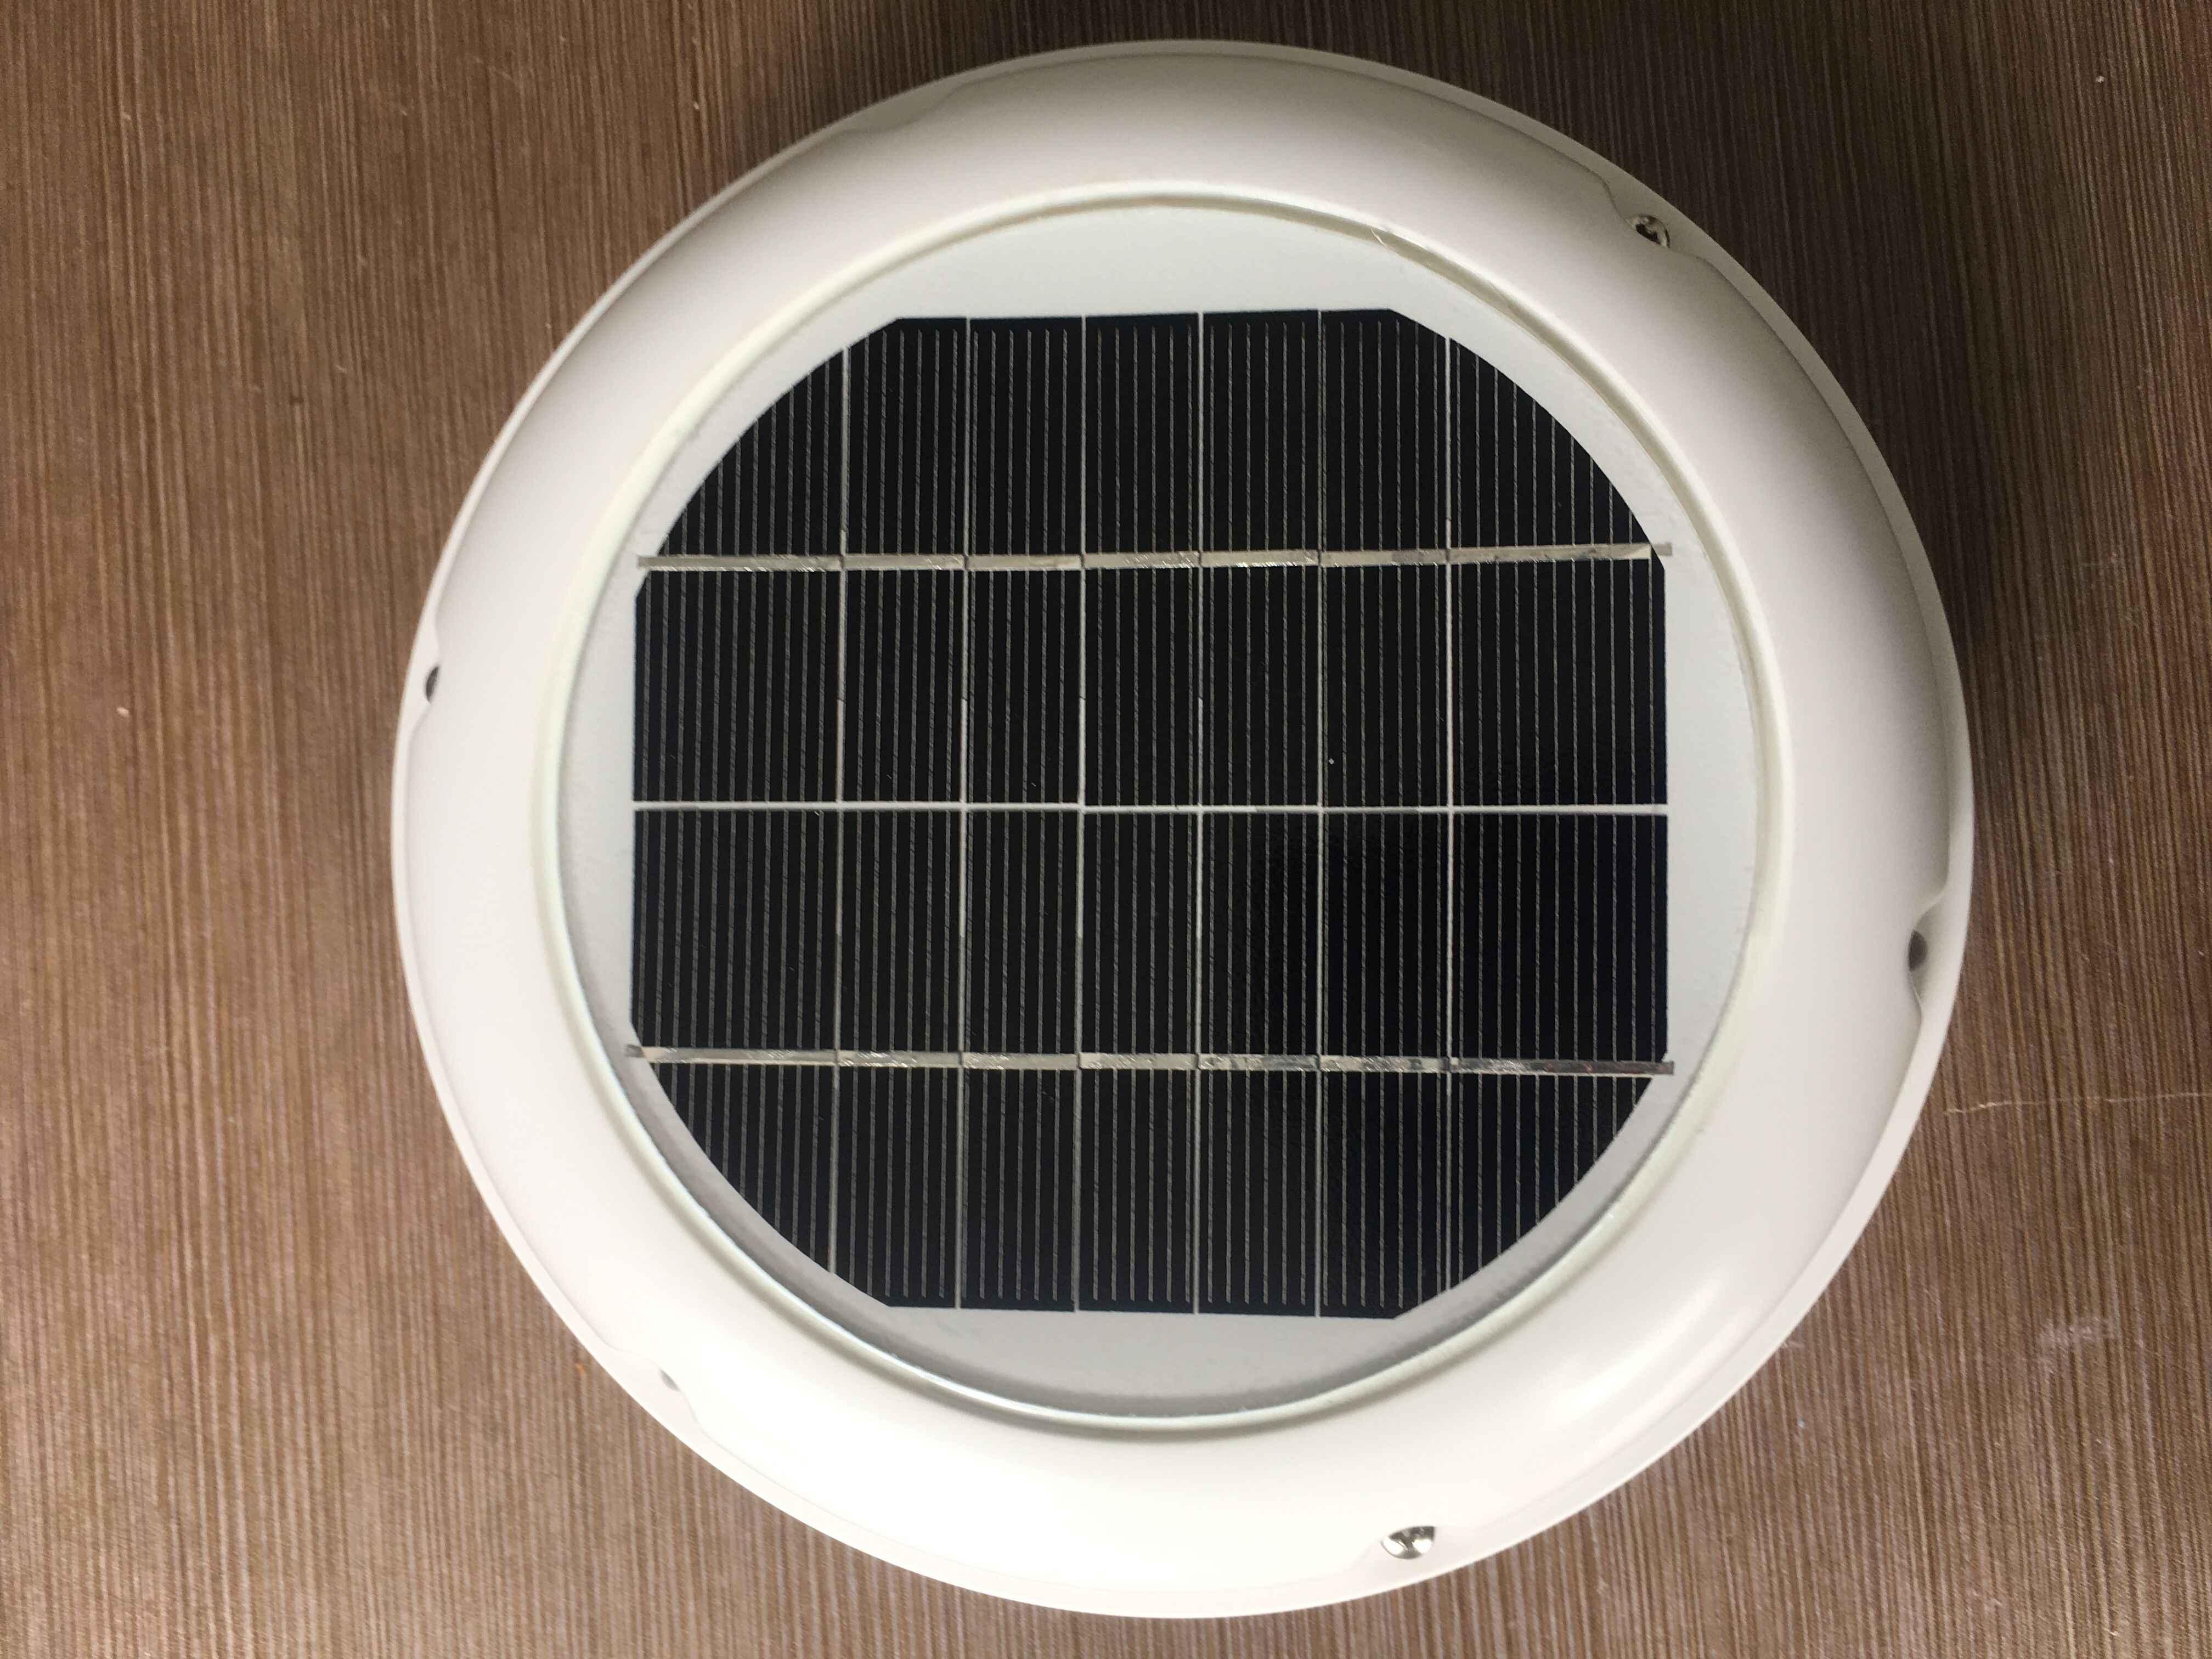 Tata Surya 2.5W Ventilator Kipas Otomatis Ventilasi Digunakan untuk Kamar Mandi Gudang Rumah Konservasi Karavan Perahu Rumah Hijau